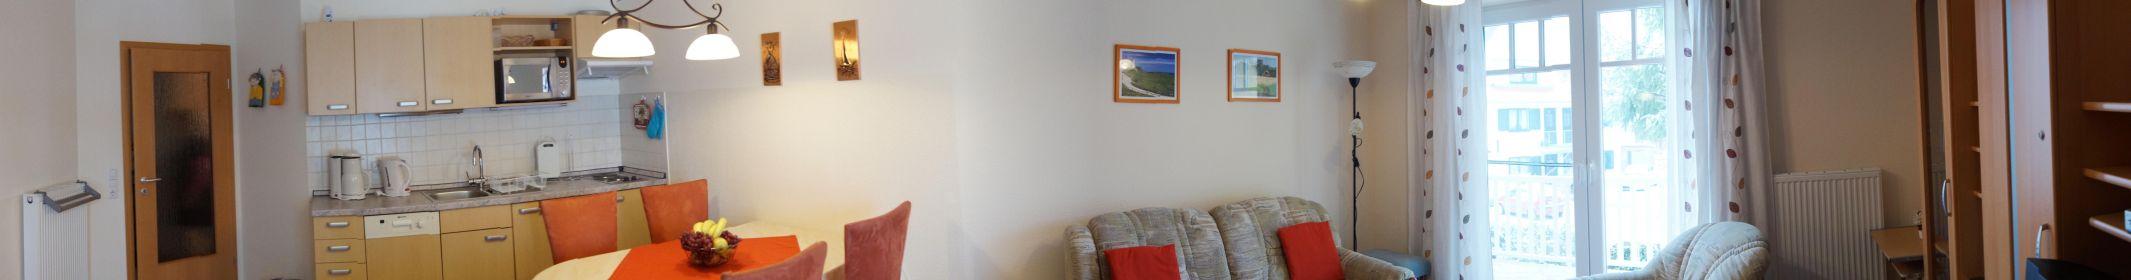 ferienwohnung-kastanie-57-panorama-1